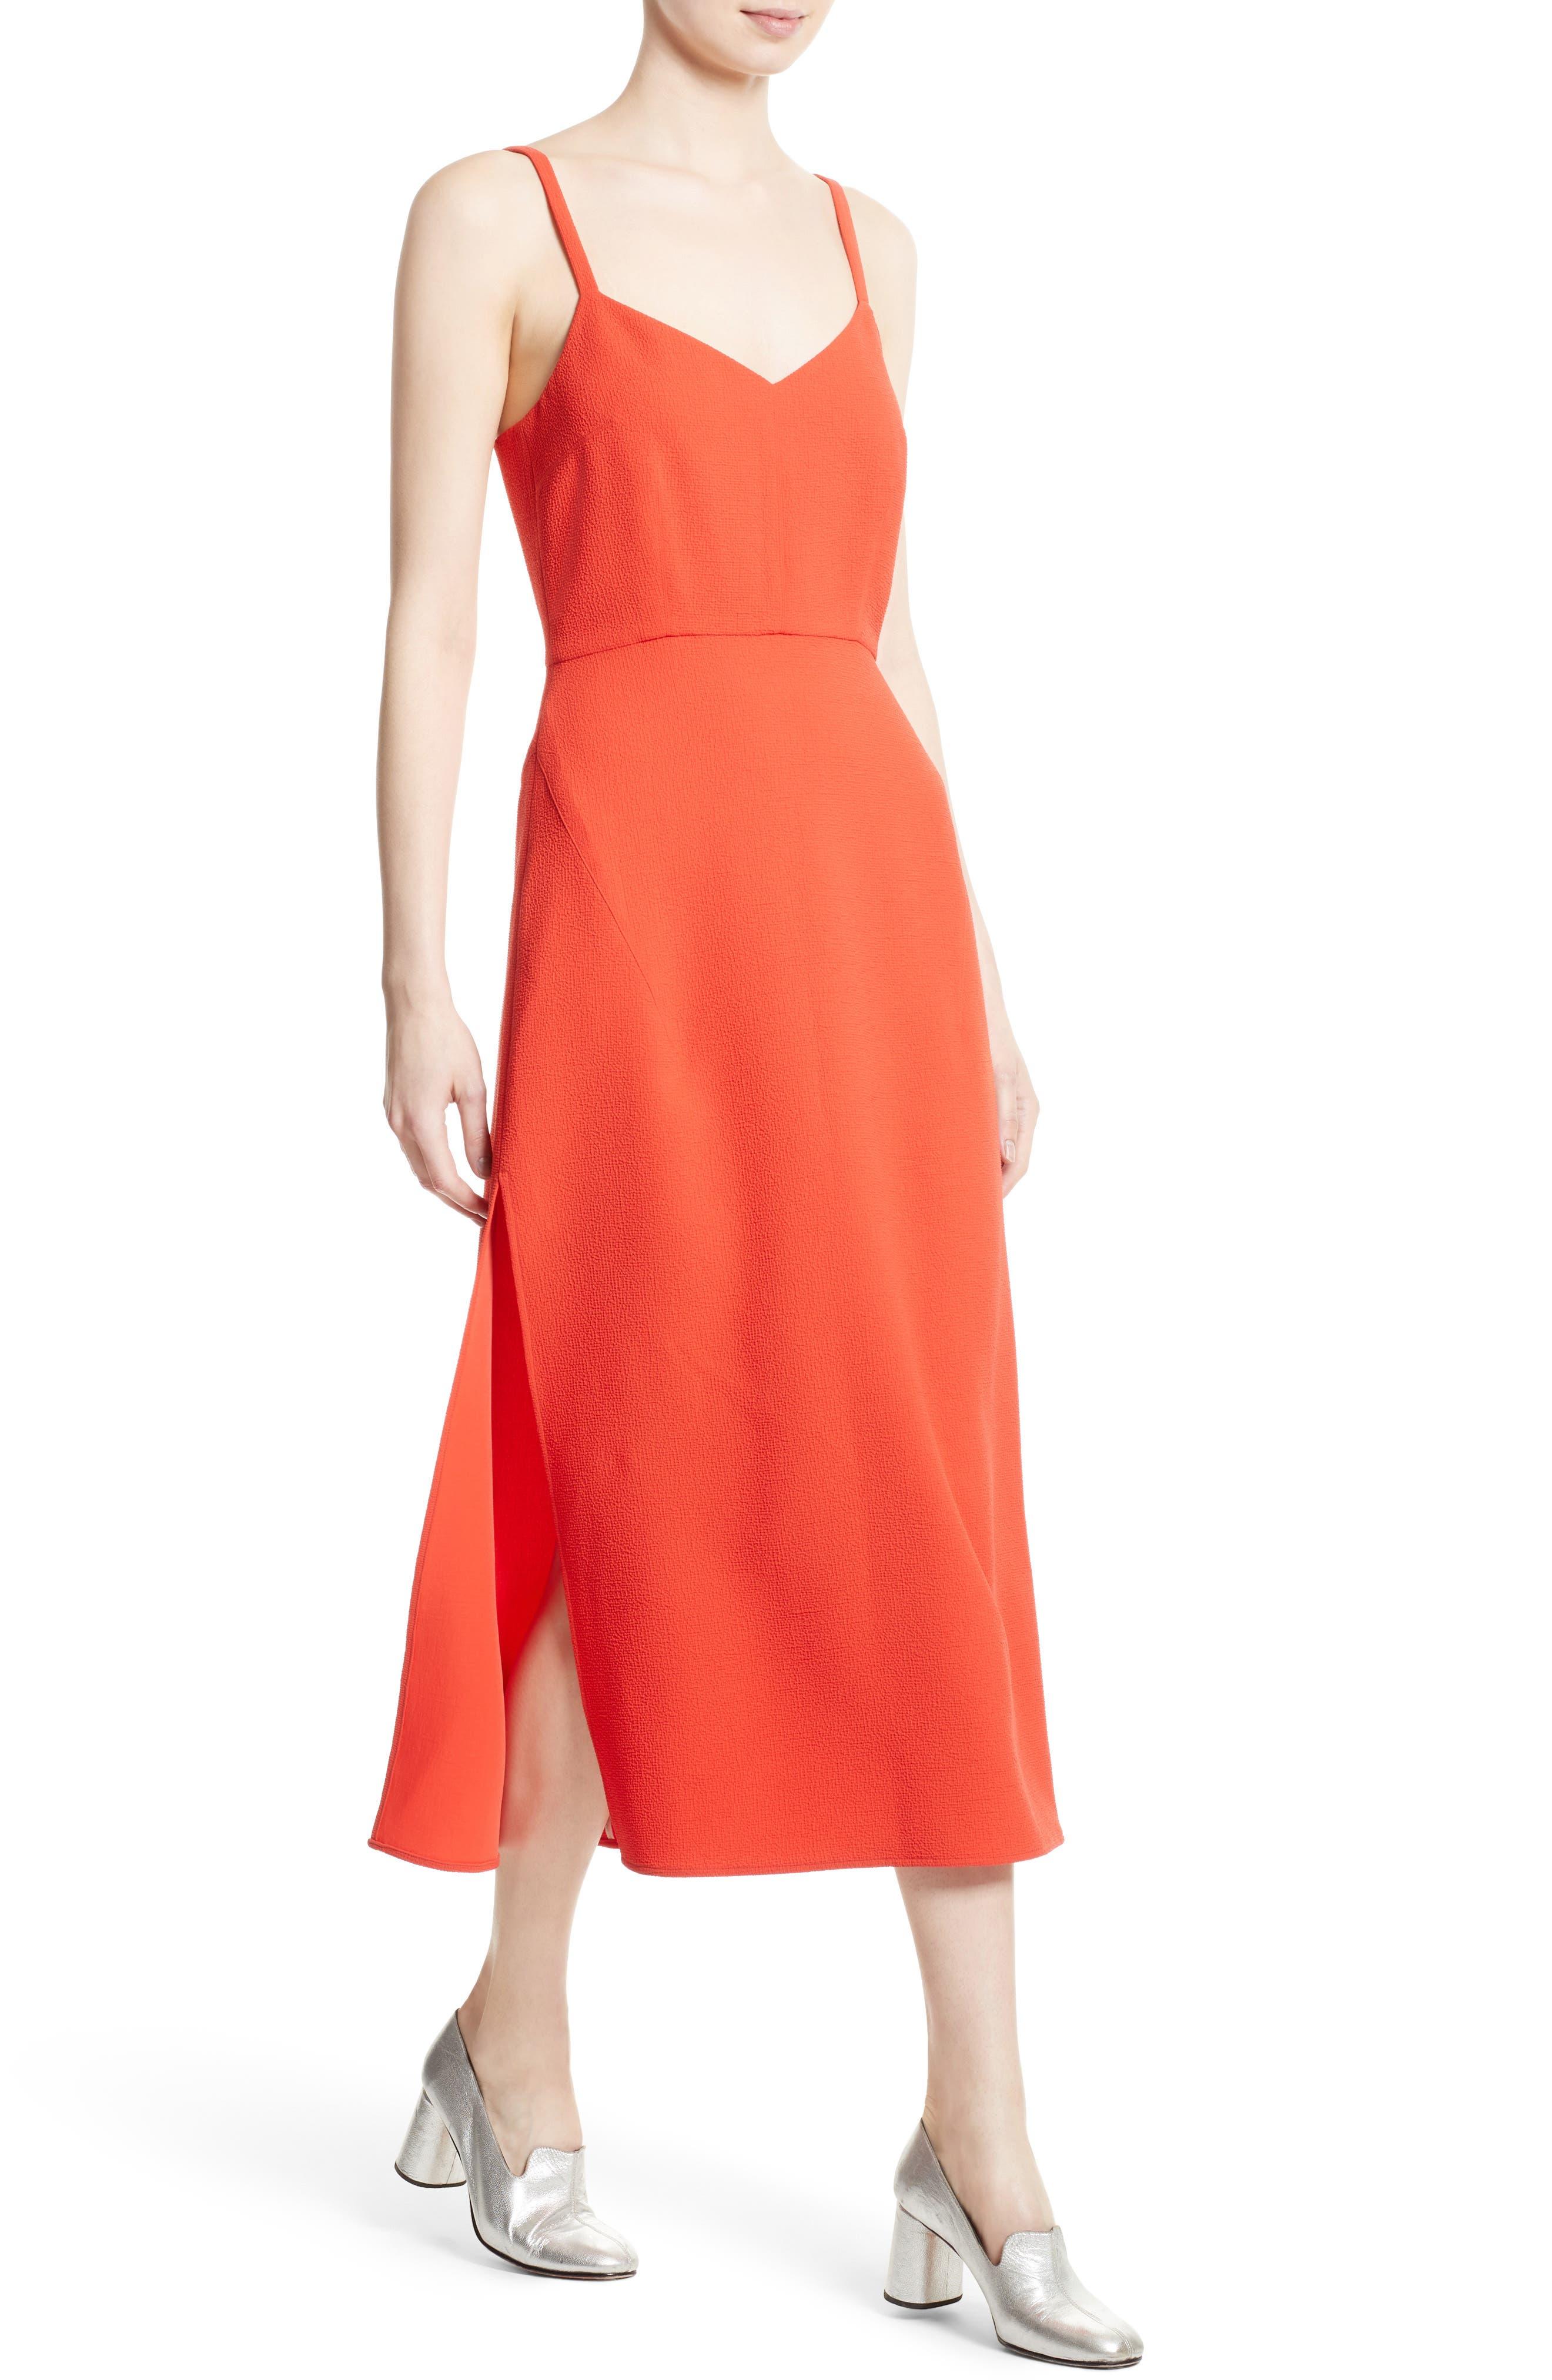 Agitator Midi Dress,                             Alternate thumbnail 4, color,                             950